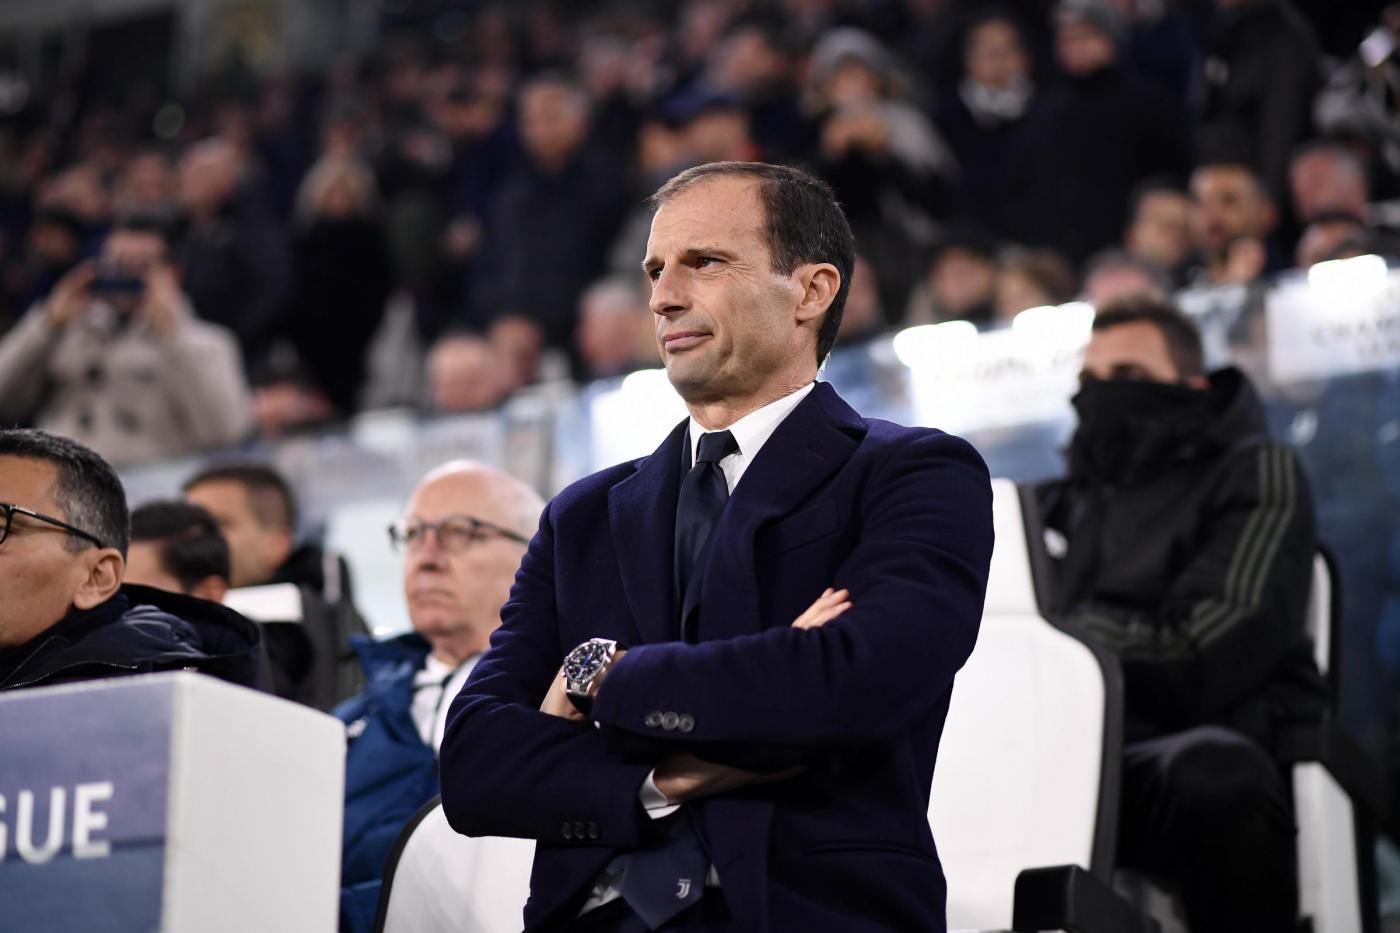 Champions League, Juventus- Barcellona: tegola per Allegri, Chiellini out contro il Barcellona